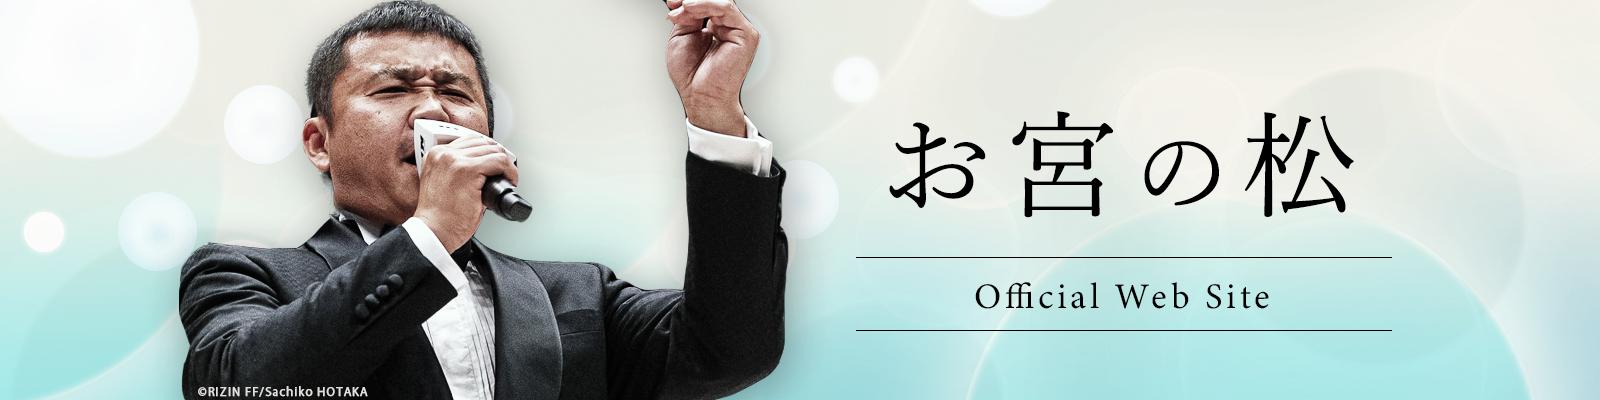 お宮の松オフィシャルサイト